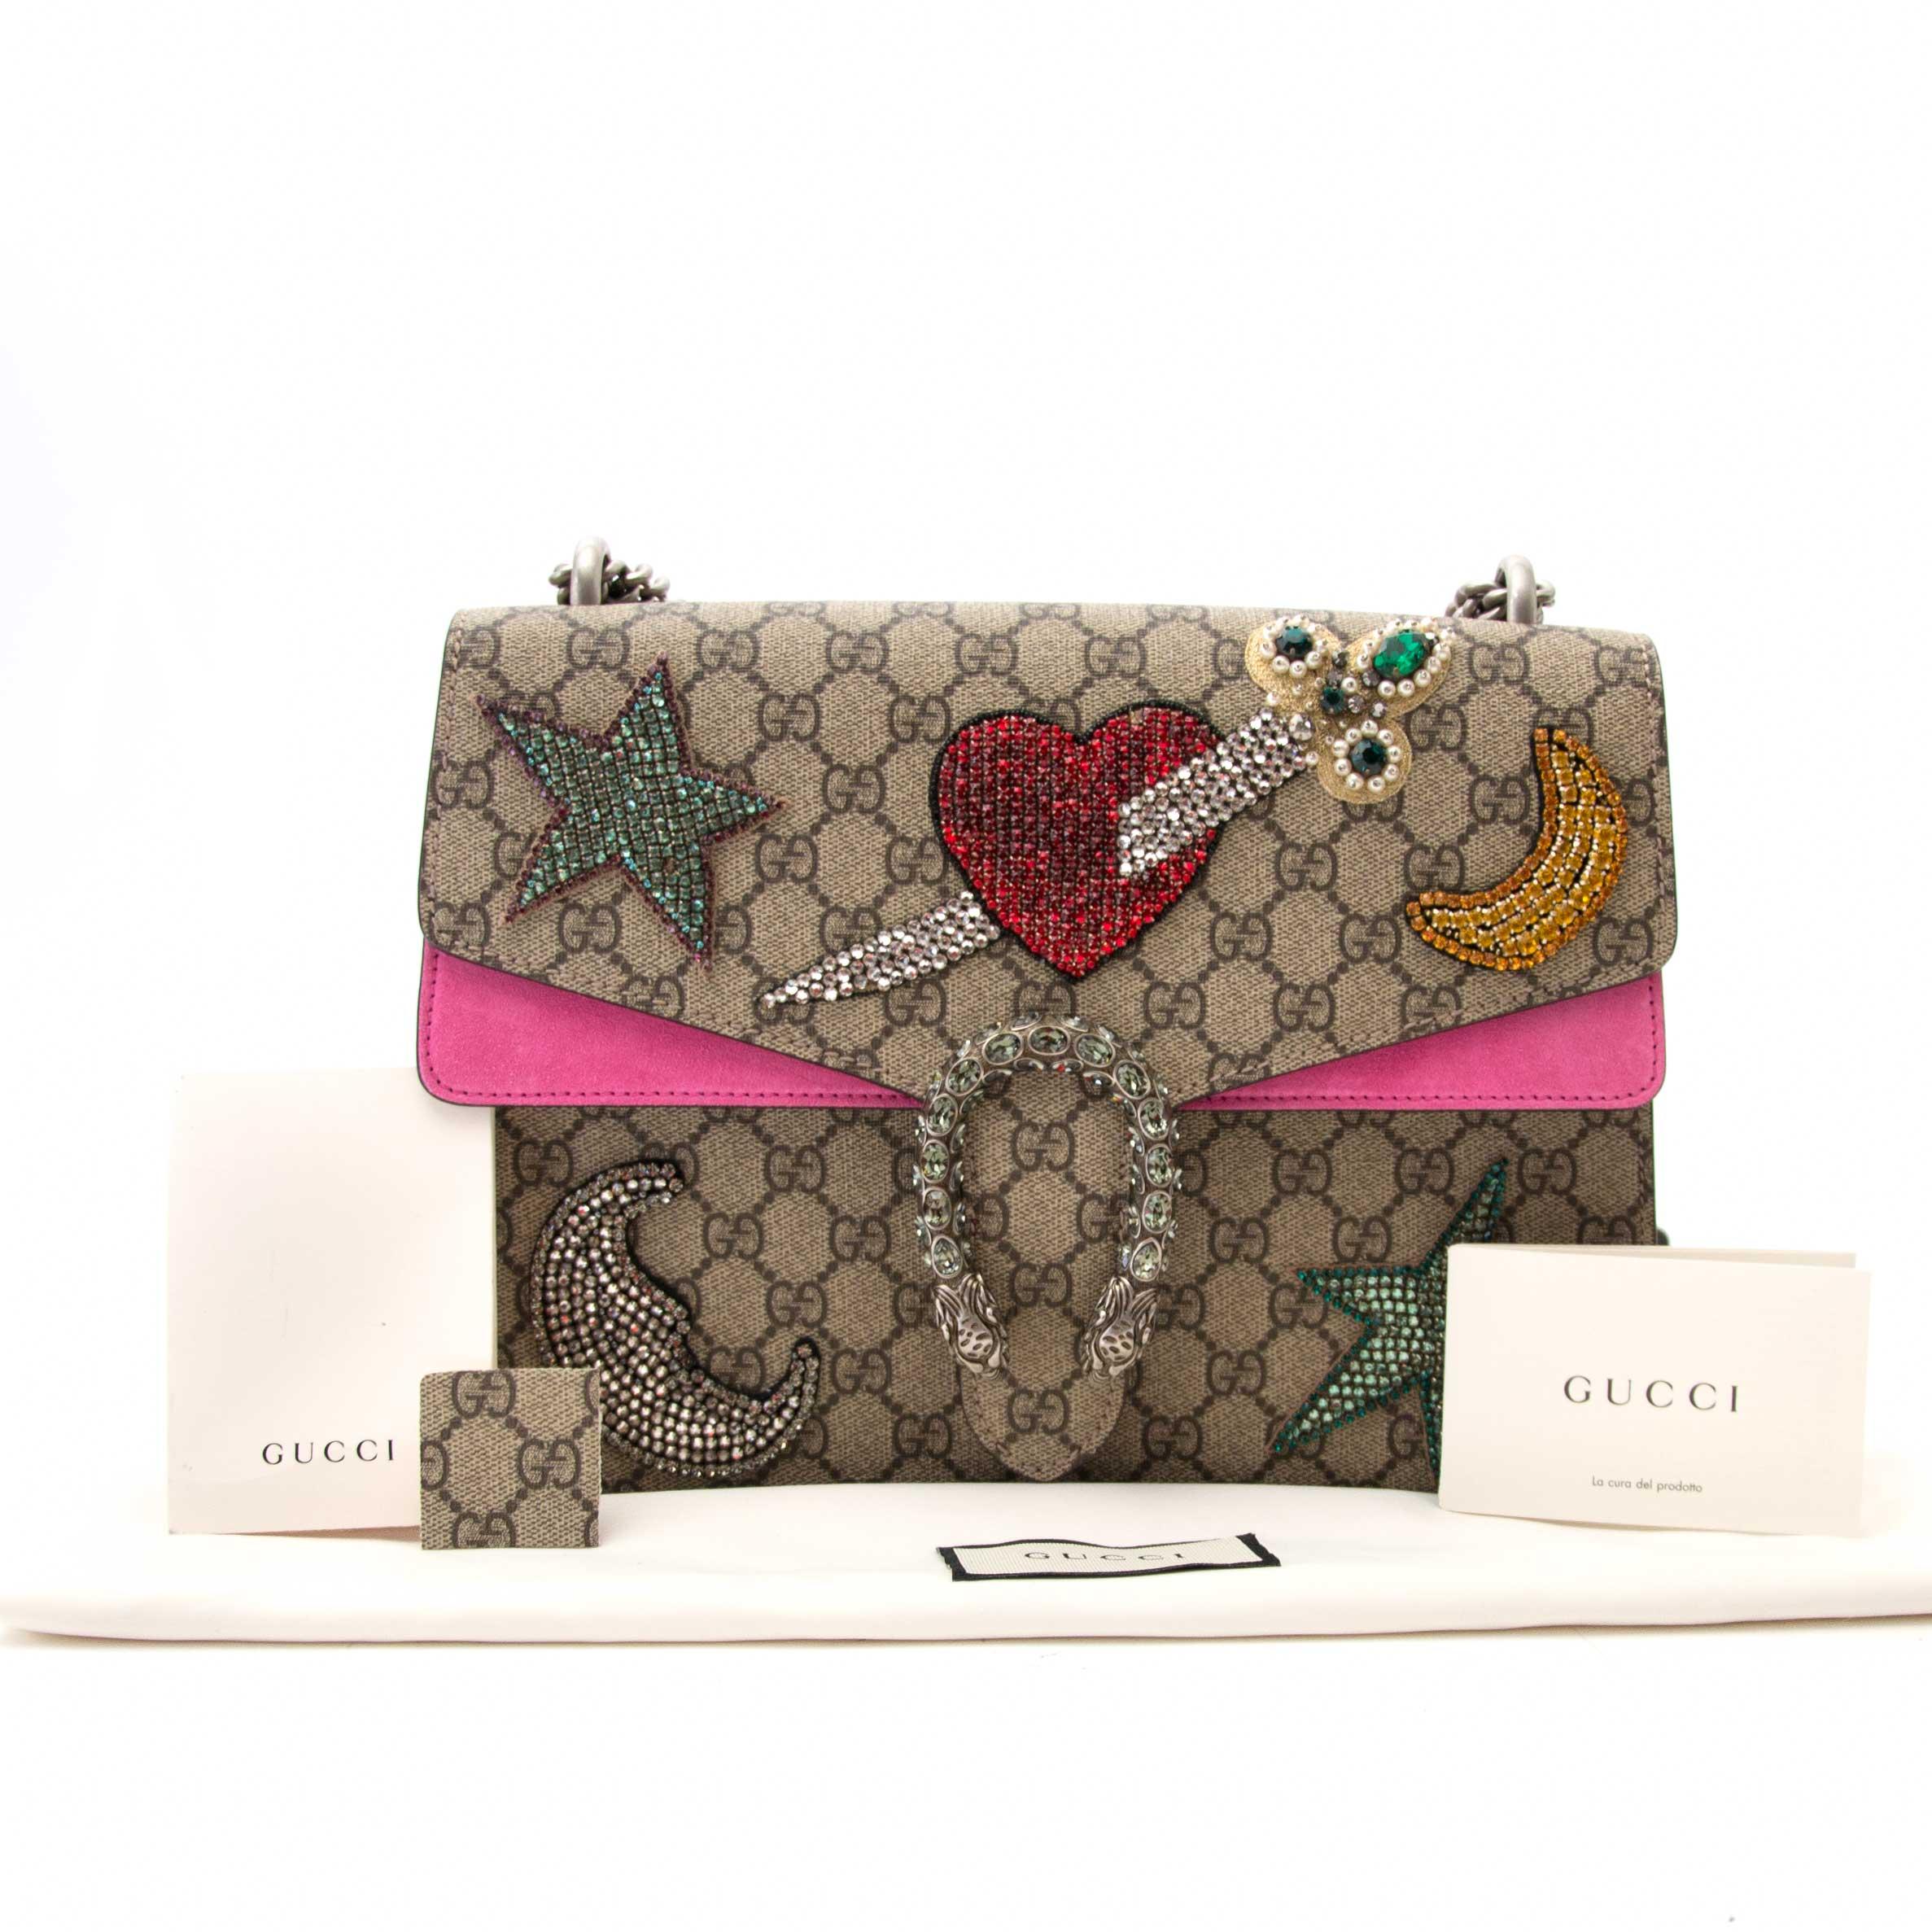 567a6efaf Gucci Dionysus Embroidered Shoulder Bag Gucci Dionysus Embroidered Shoulder  Bag